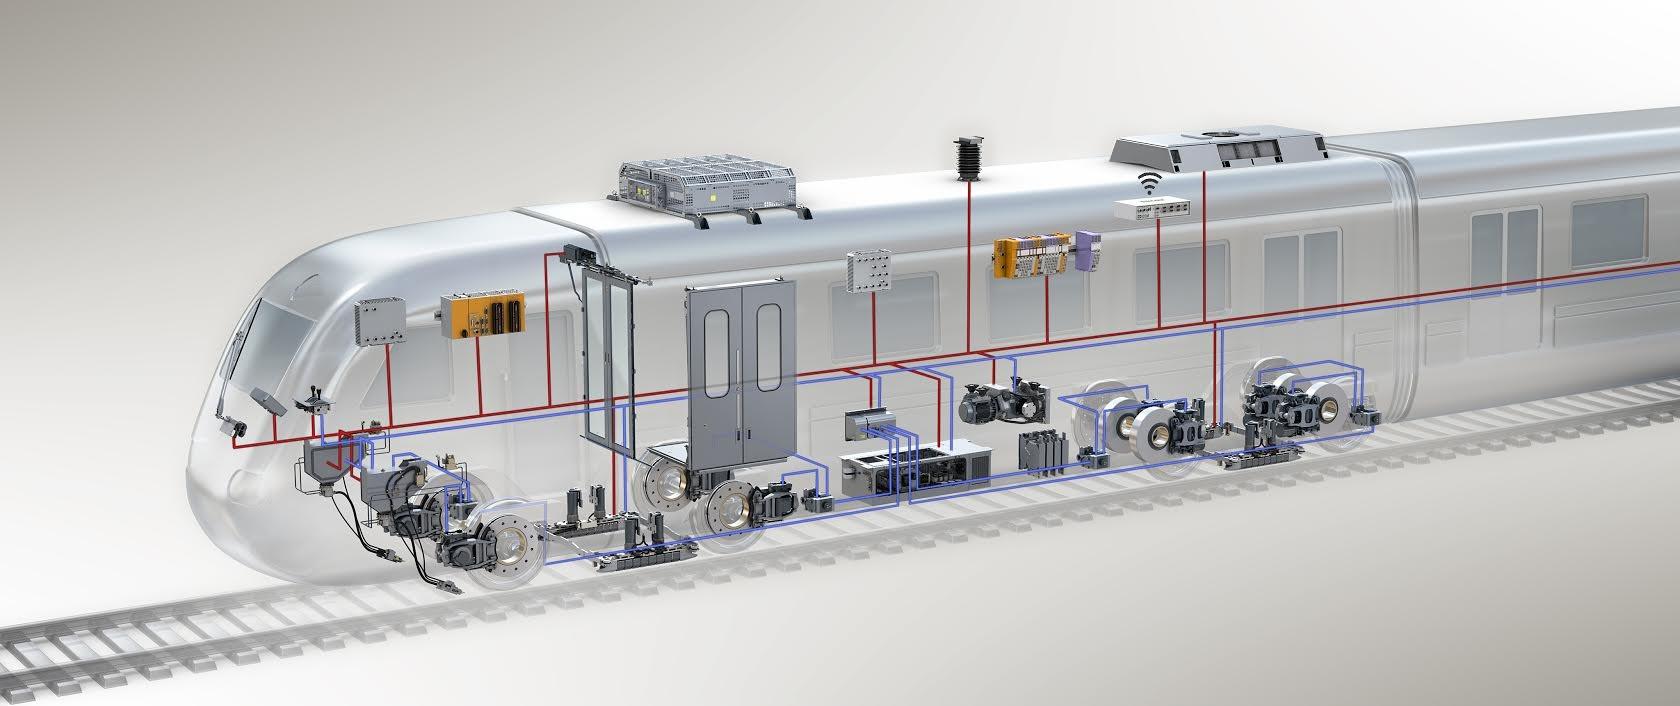 Magyar mérnököknek köszönhetően környezetbarátabbá válik a vasút